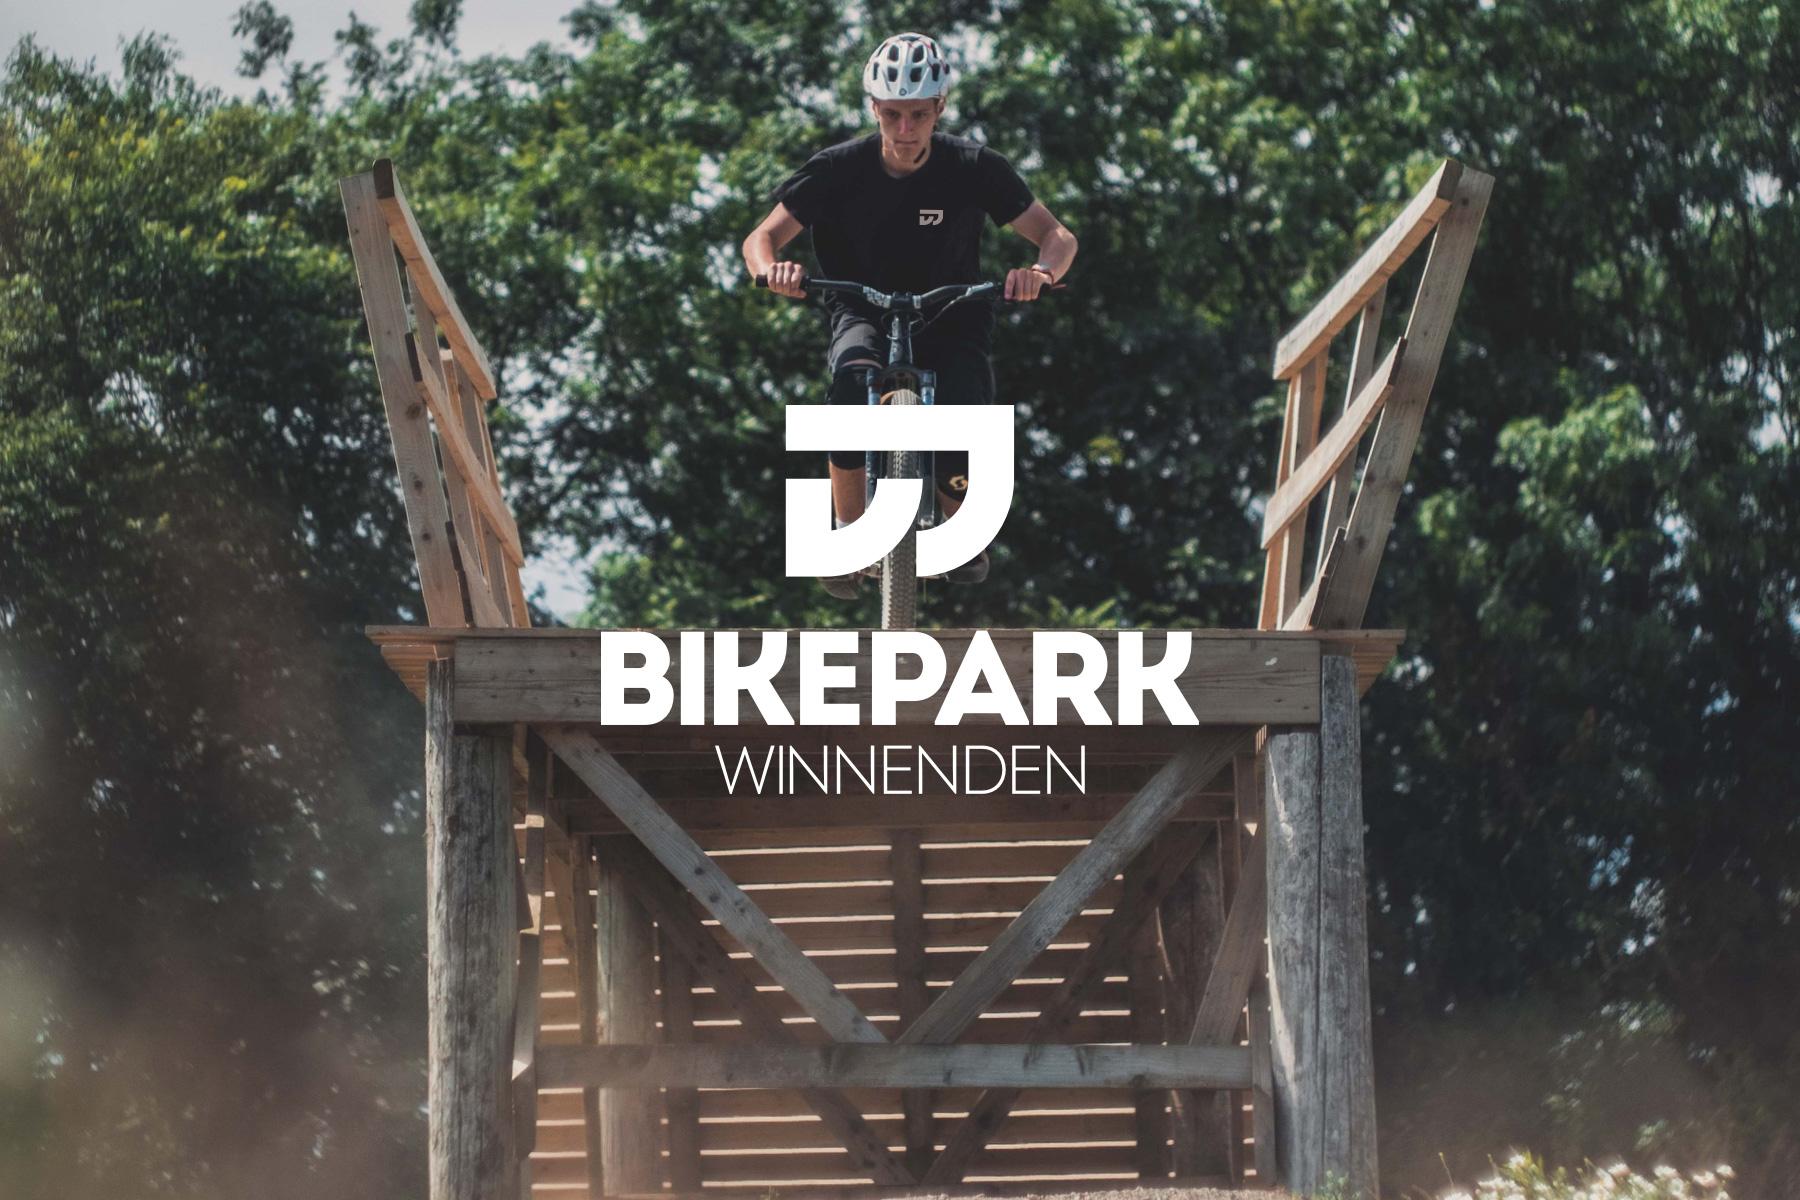 Bikepark Winnenden